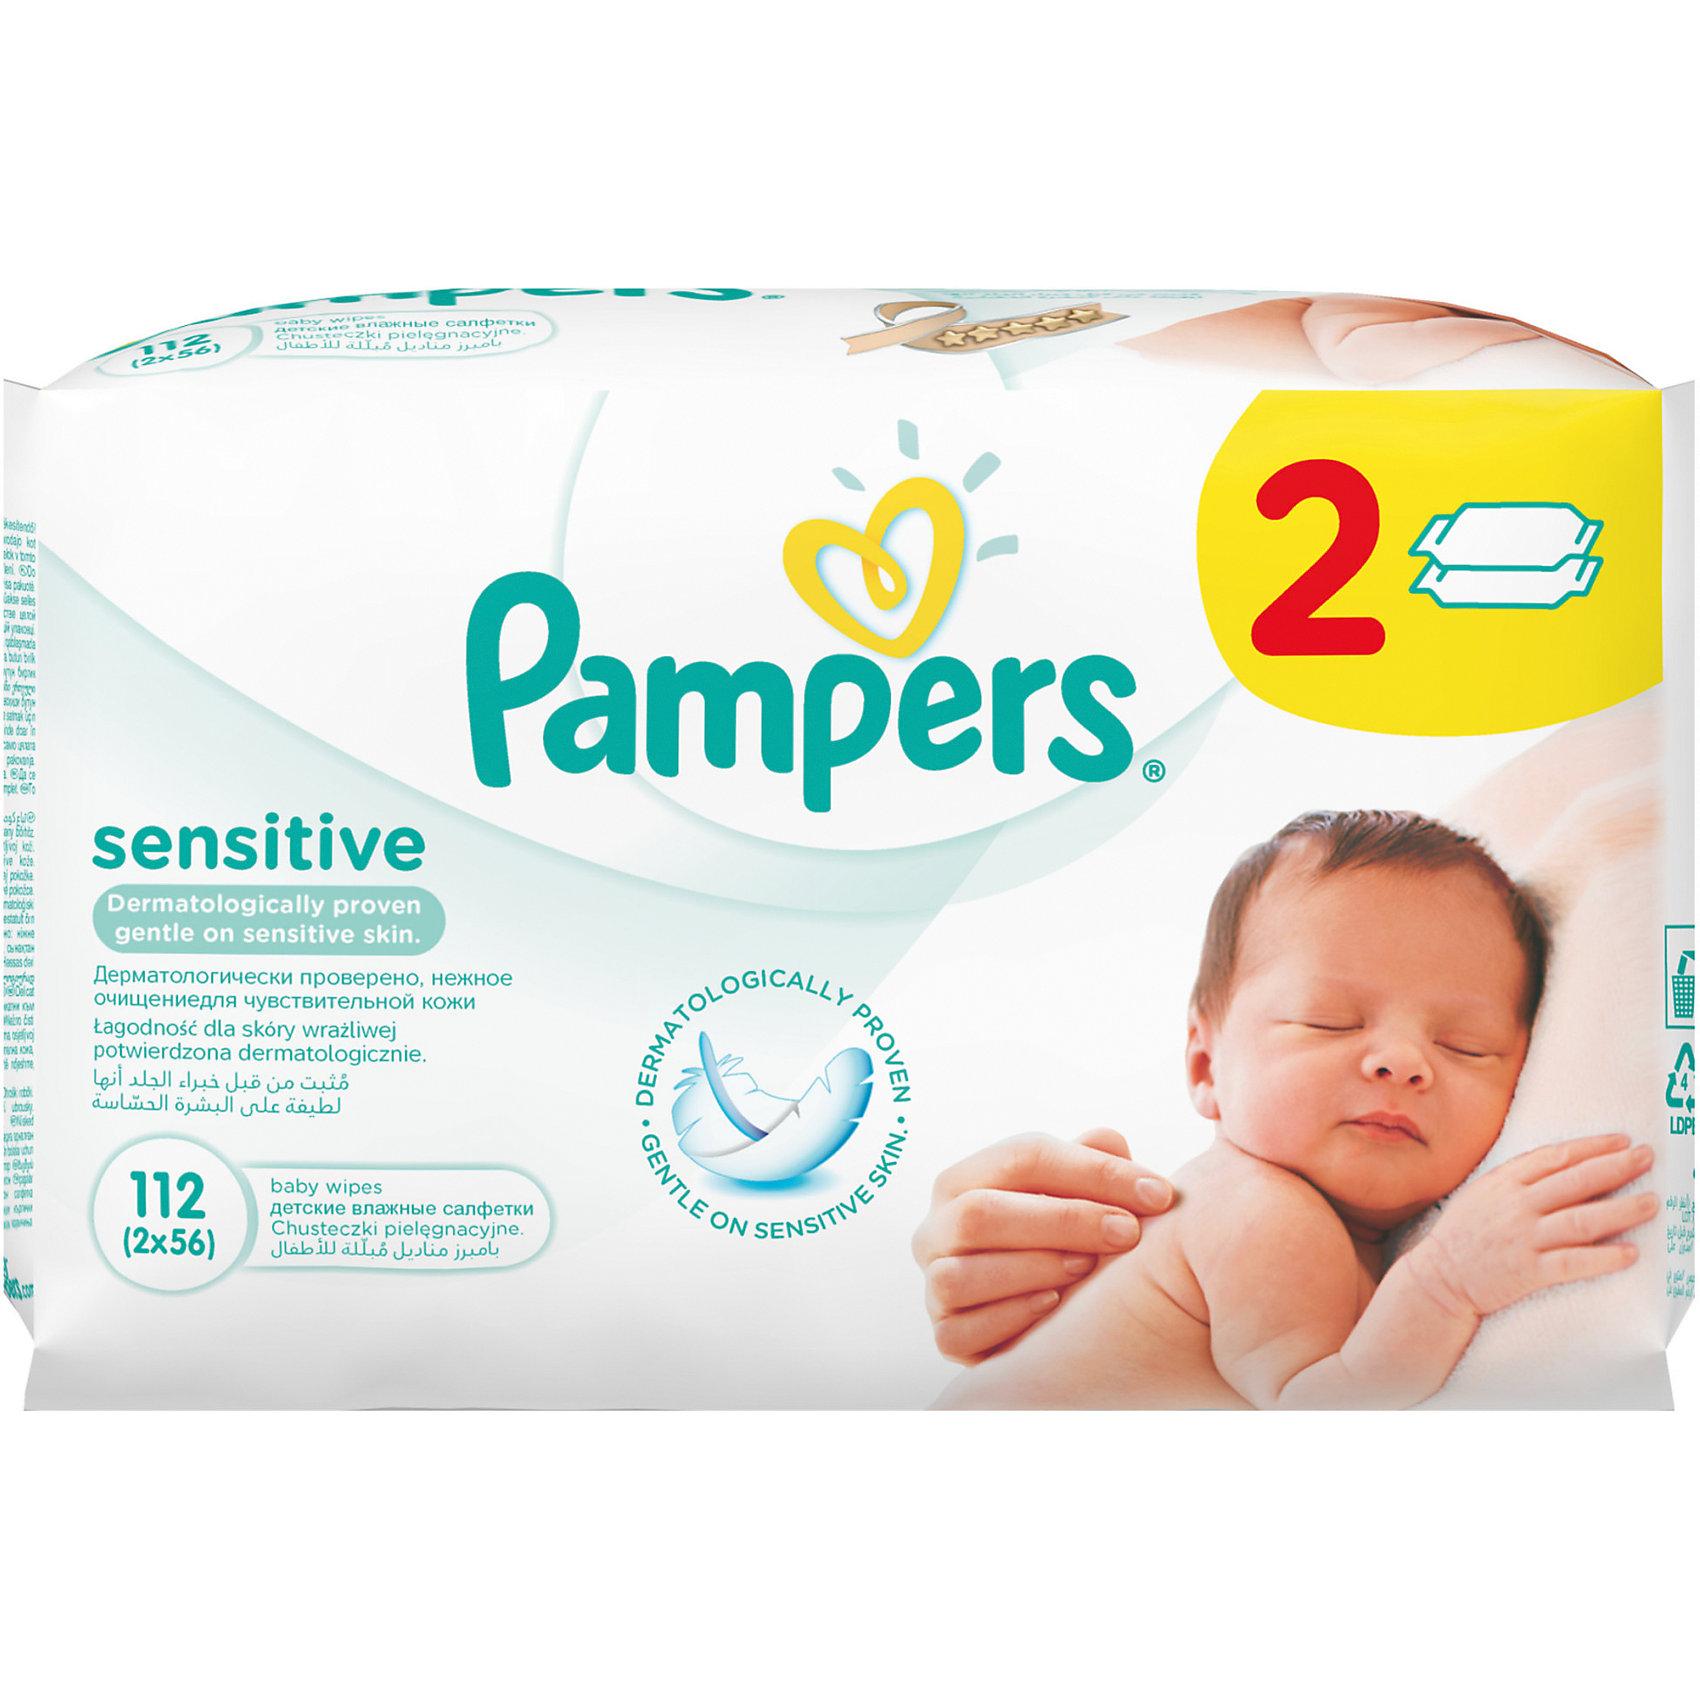 Салфетки детские влажные Pampers  Sensitive,  112 шт., Pampers